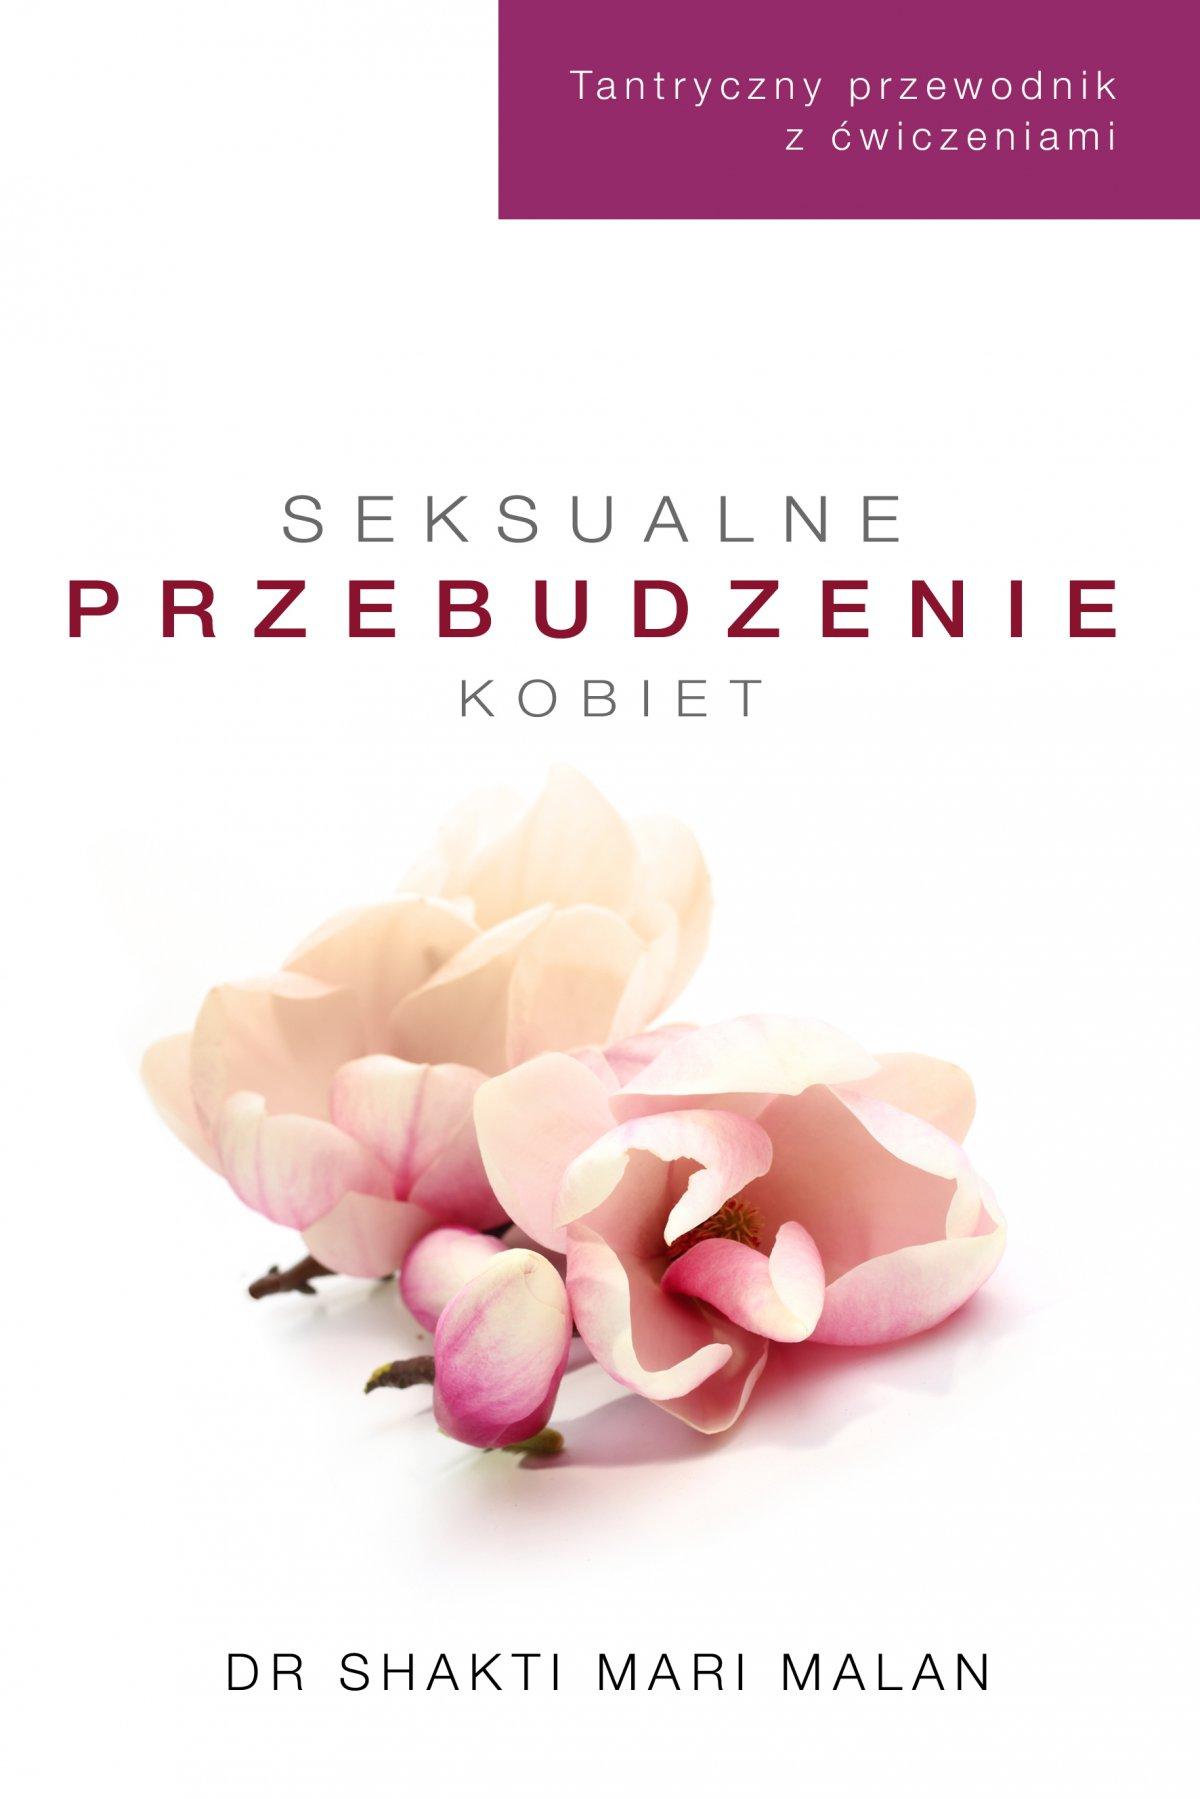 Seksualne przebudzenie kobiet - Ebook (Książka na Kindle) do pobrania w formacie MOBI